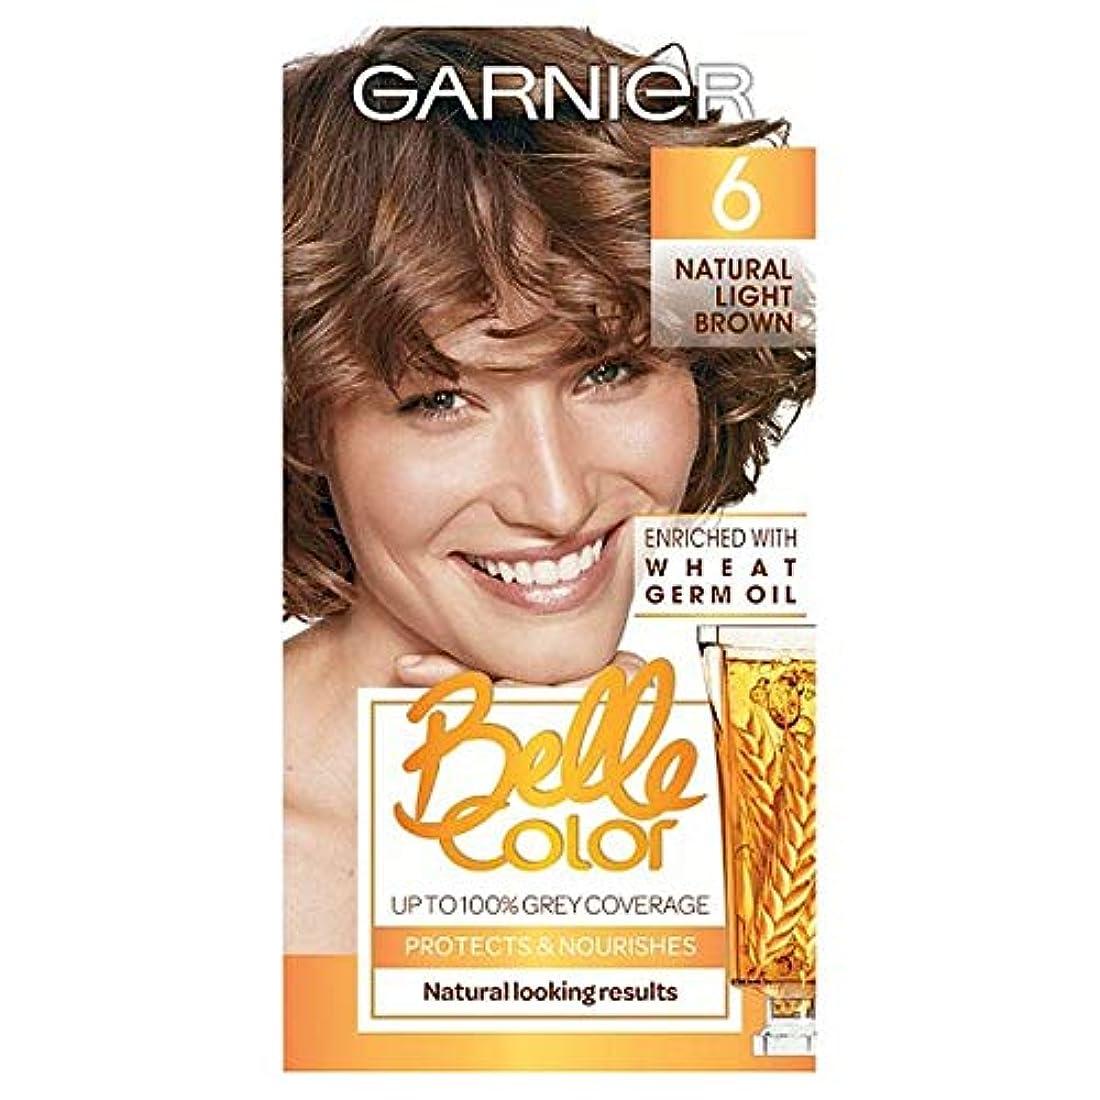 熟考するコスチュームにぎやか[Belle Color ] ガーン/ベル/Clr 6ナチュラルライトブラウンパーマネントヘアダイ - Garn/Bel/Clr 6 Natural Light Brown Permanent Hair Dye [並行輸入品]